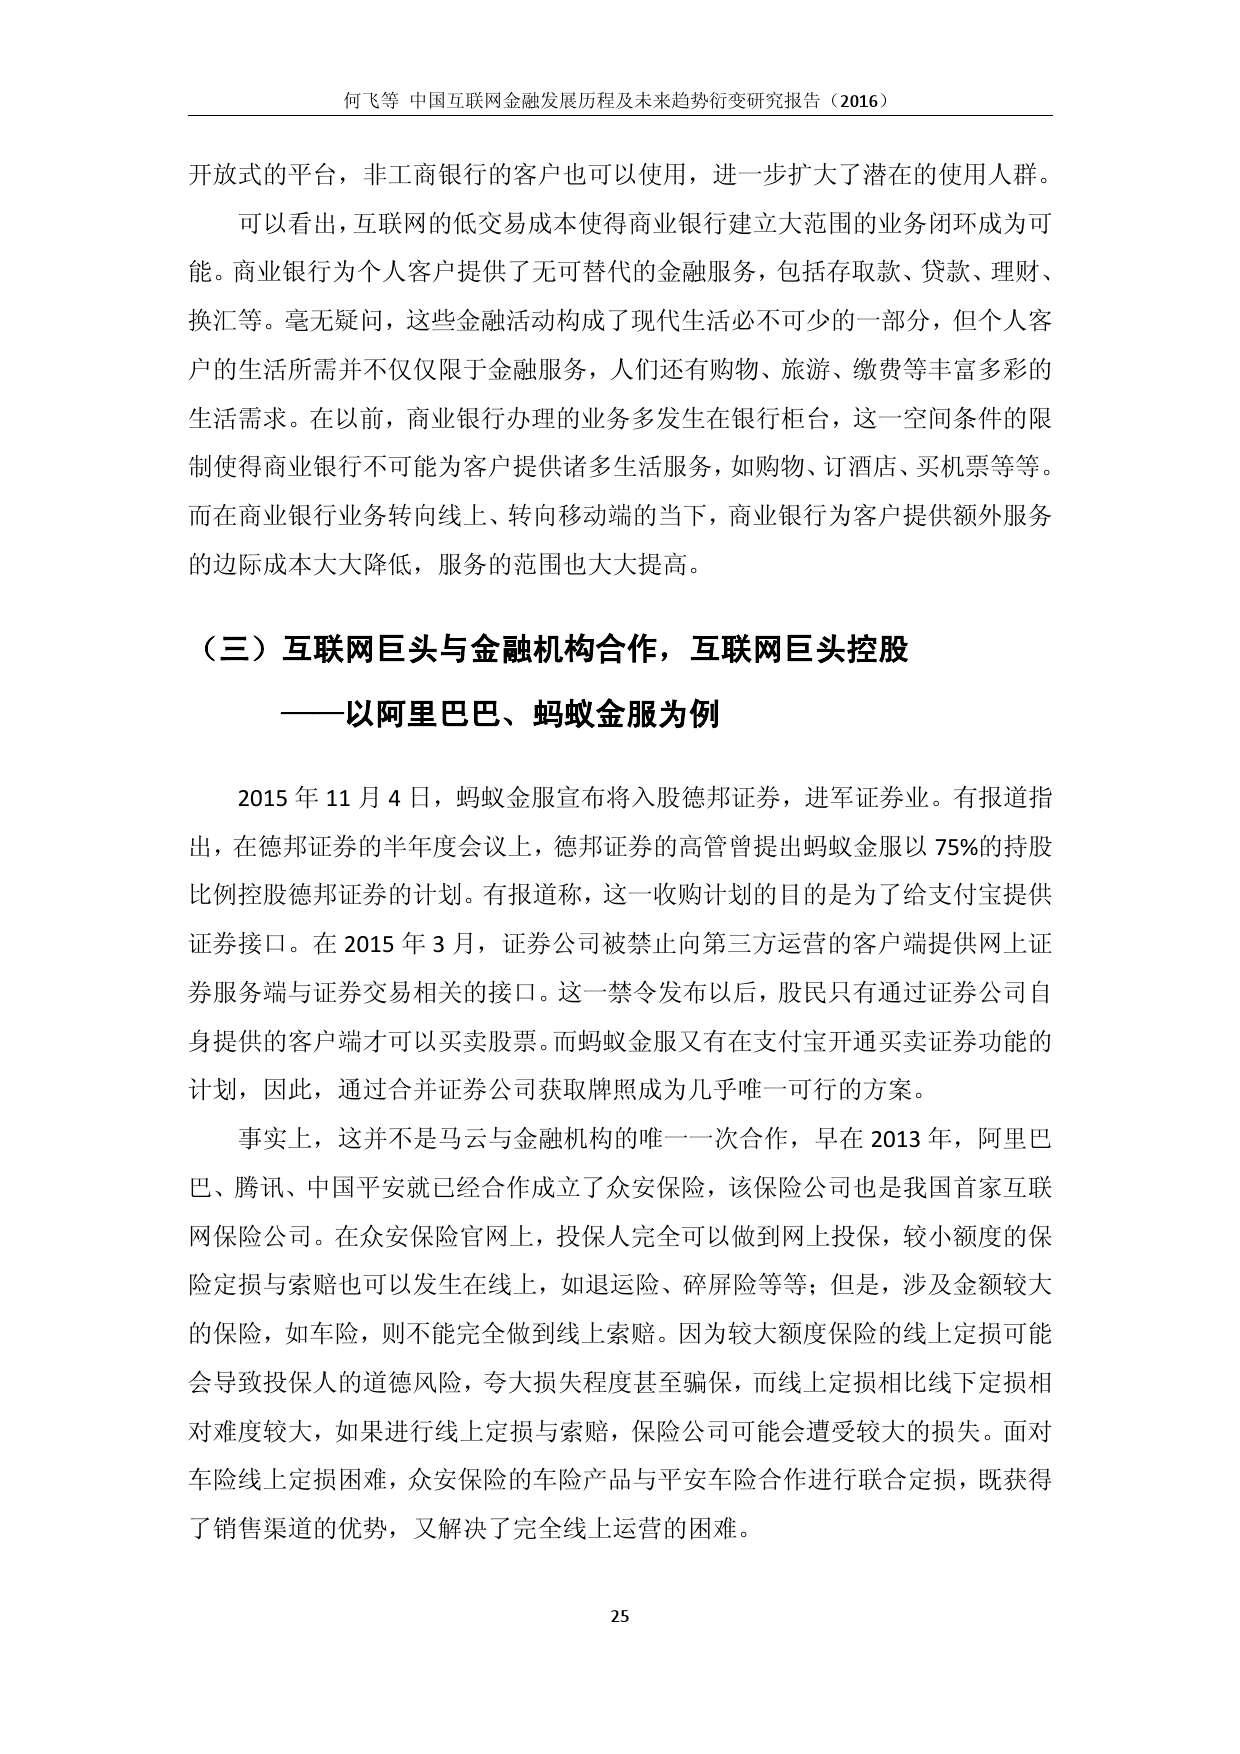 中国互联网金融发展历程及未来趋势衍变研究报告(2016)_000030